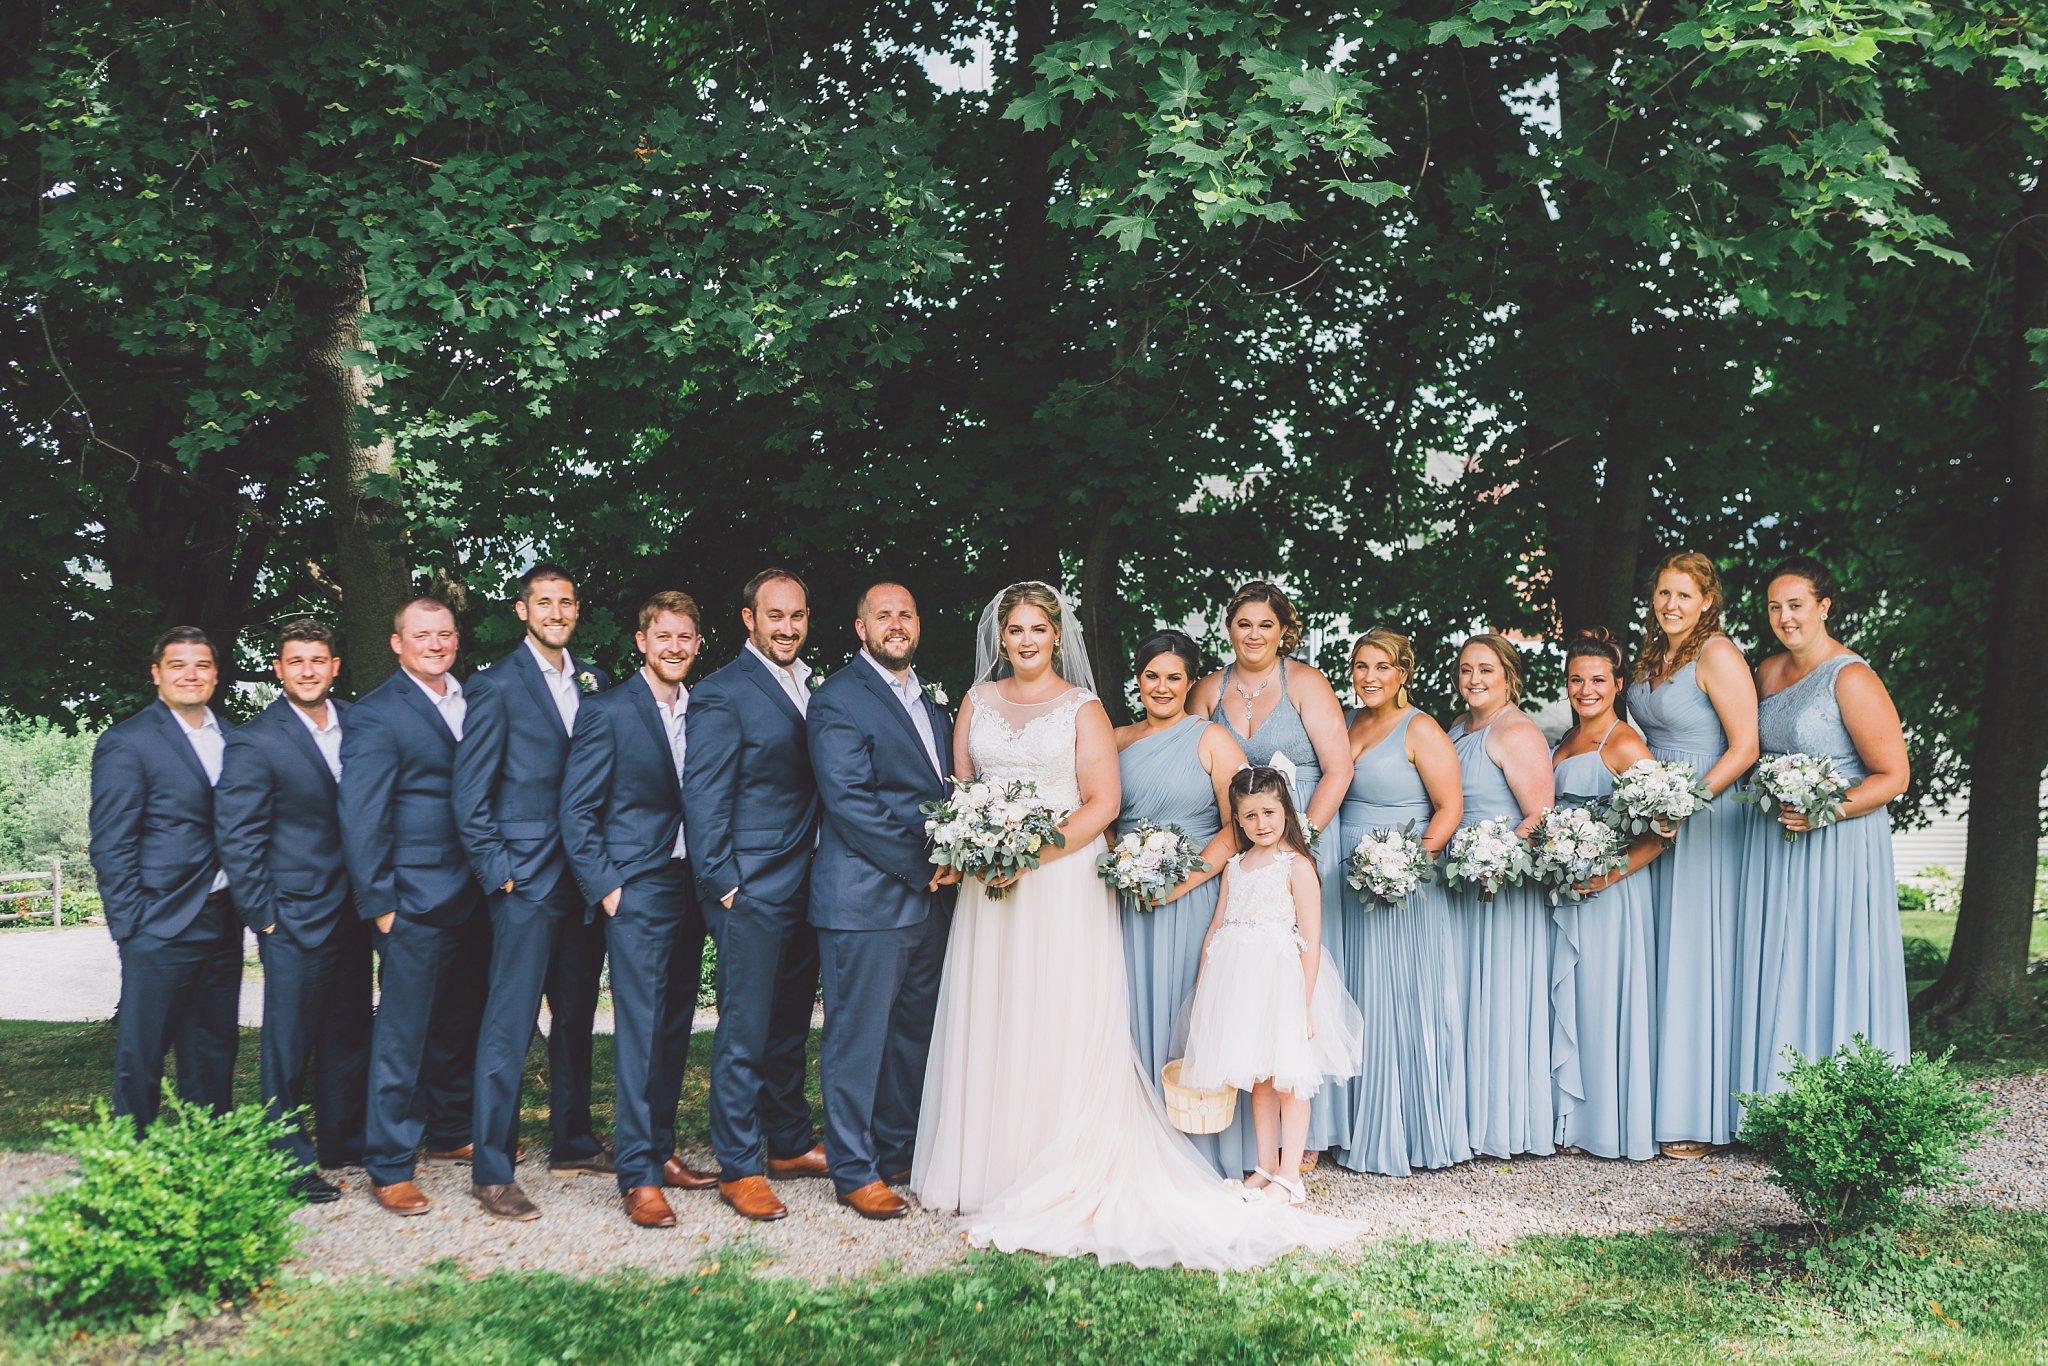 finger lakes wedding photography larkin and trevor_0086.jpg